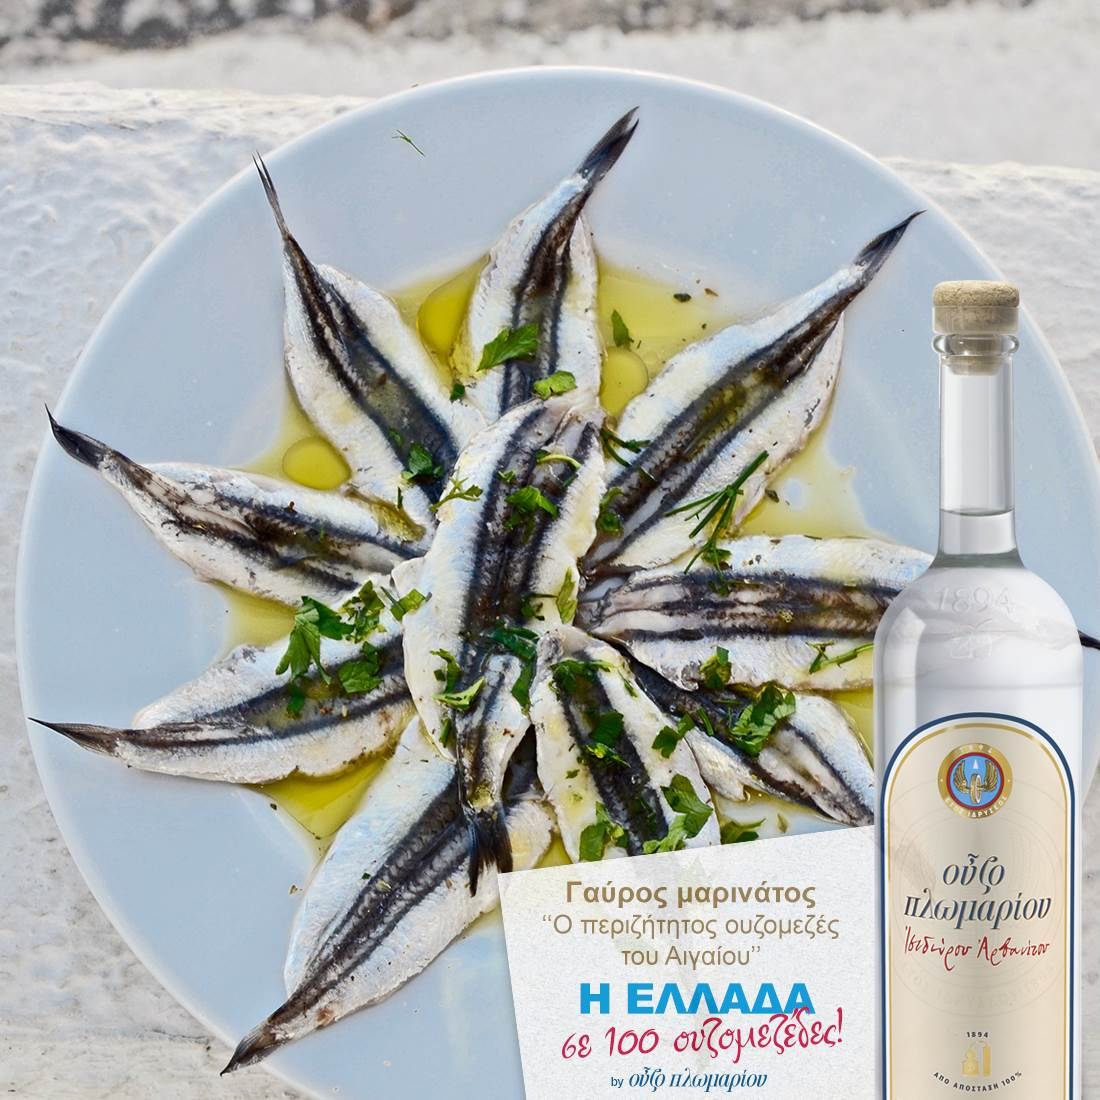 Γαύροι μαρινάτοι - Ουζομεζέδες - Greek Gastronomy Guide